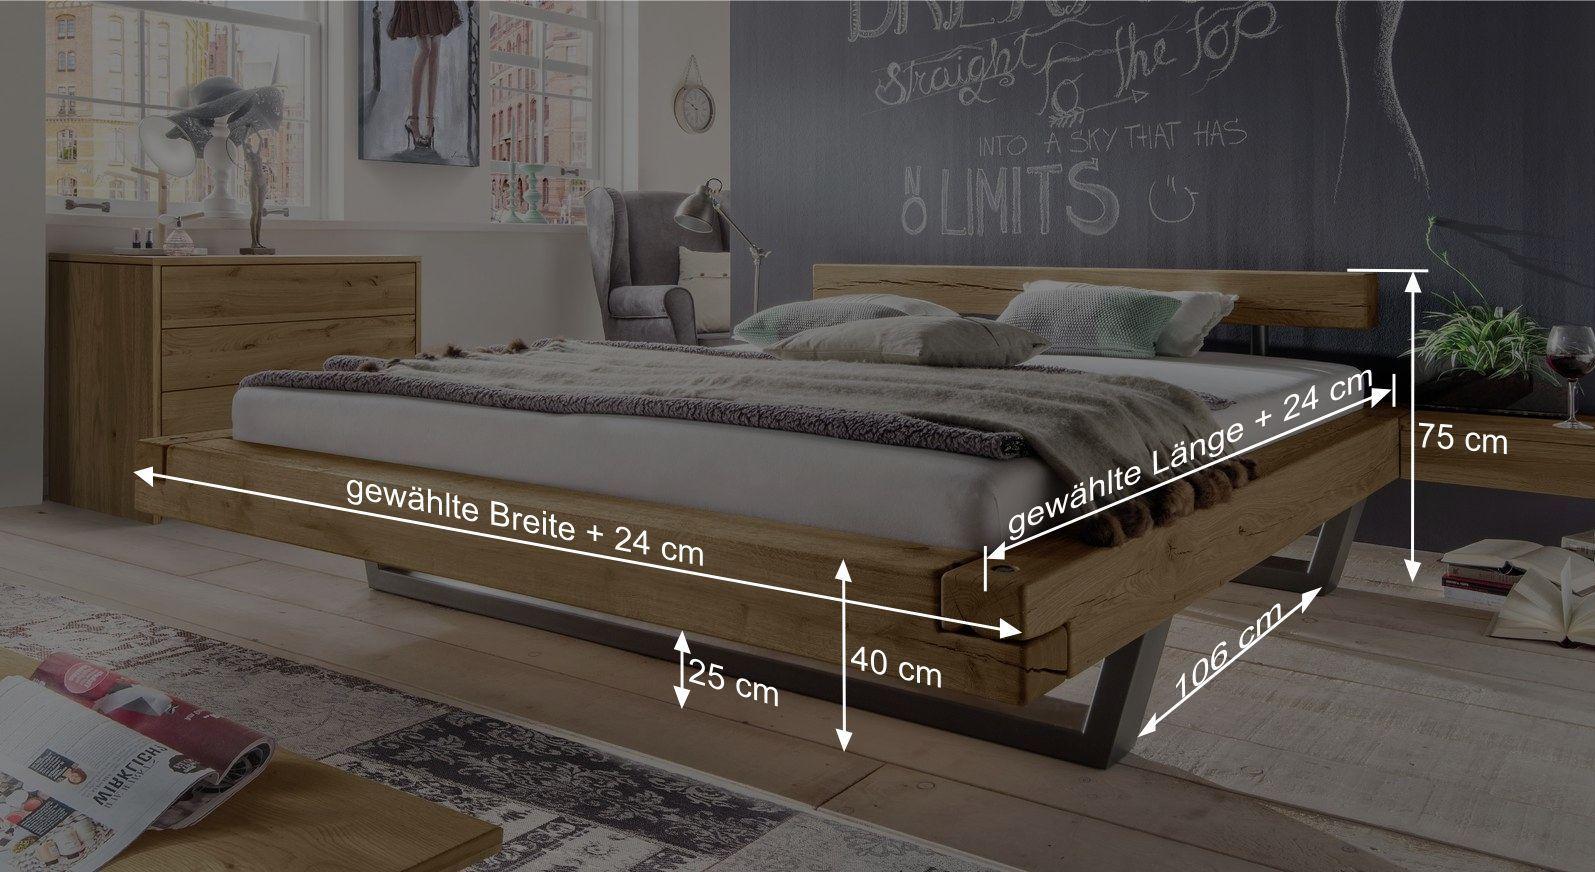 Bemaßungsskizze zum Bett Darica